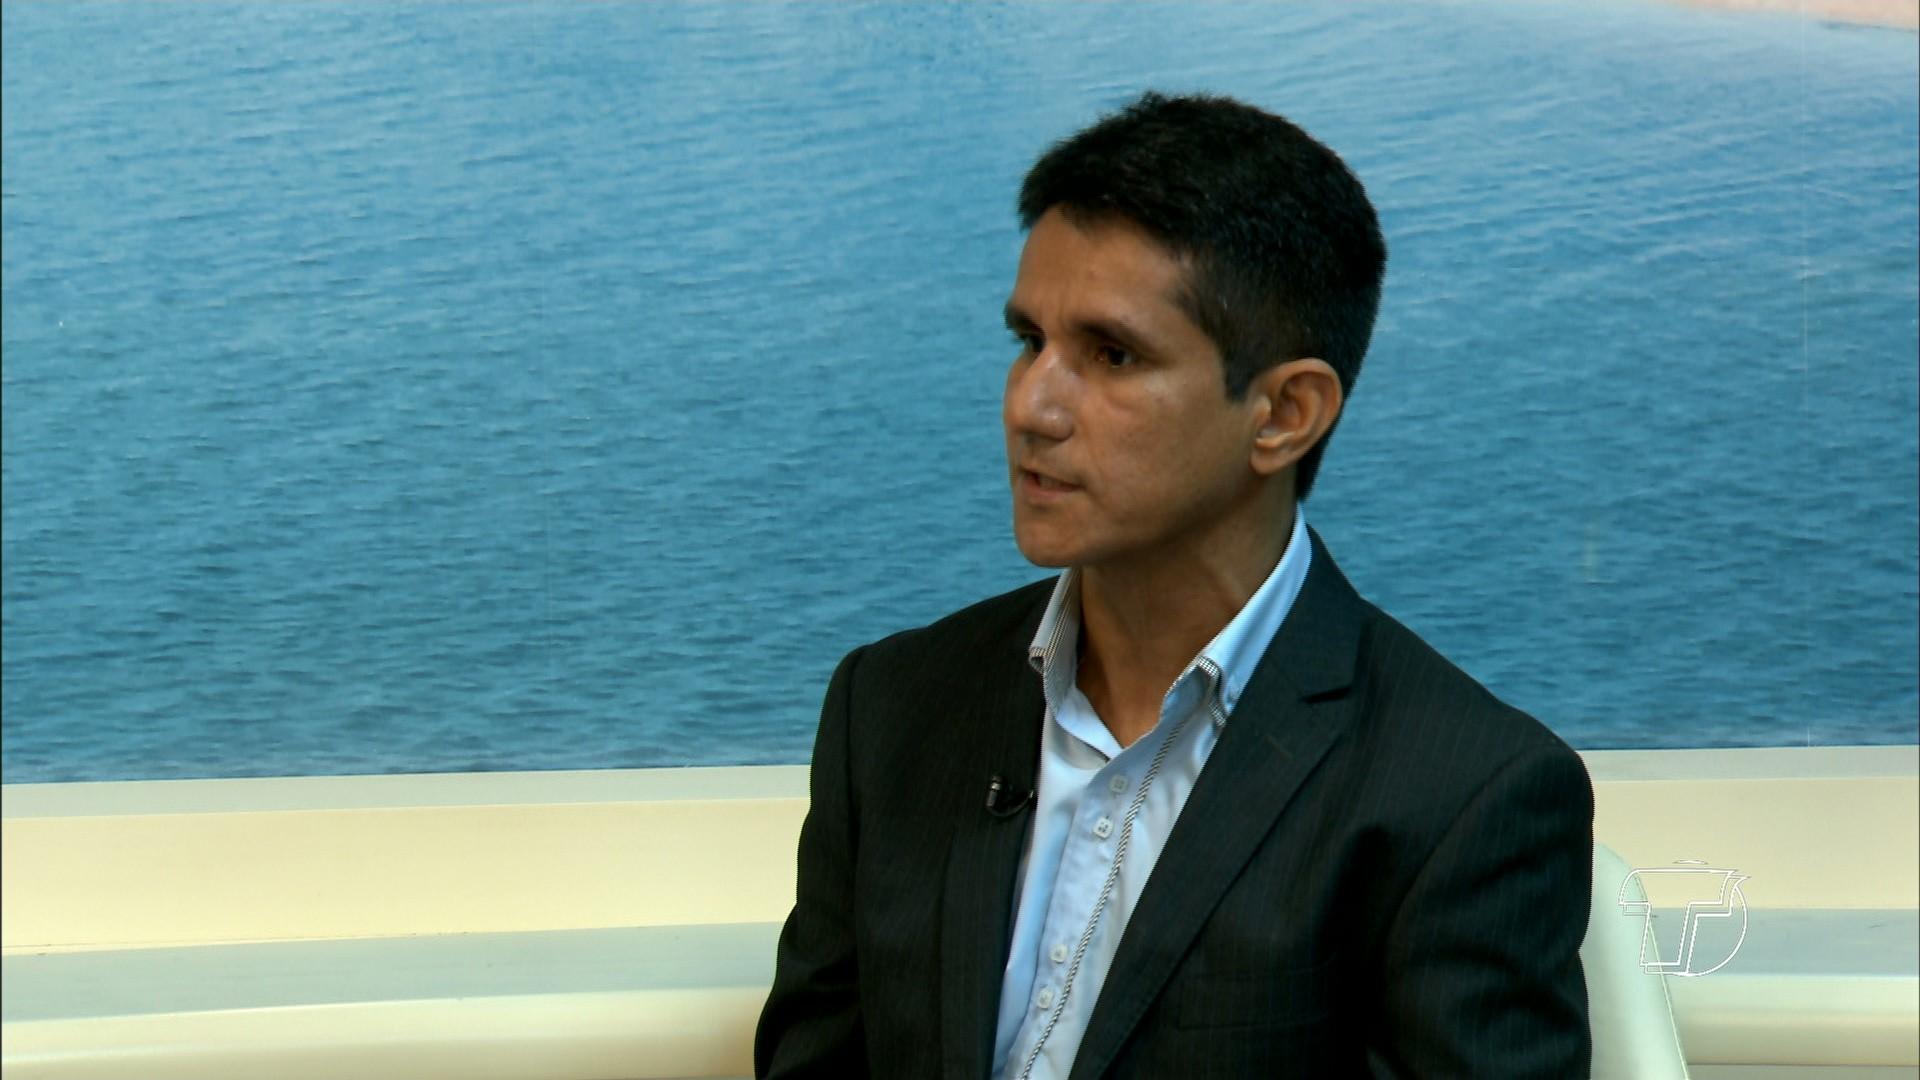 Justiça indefere pedido de impugnação da candidatura à reeleição do prefeito de Belterra